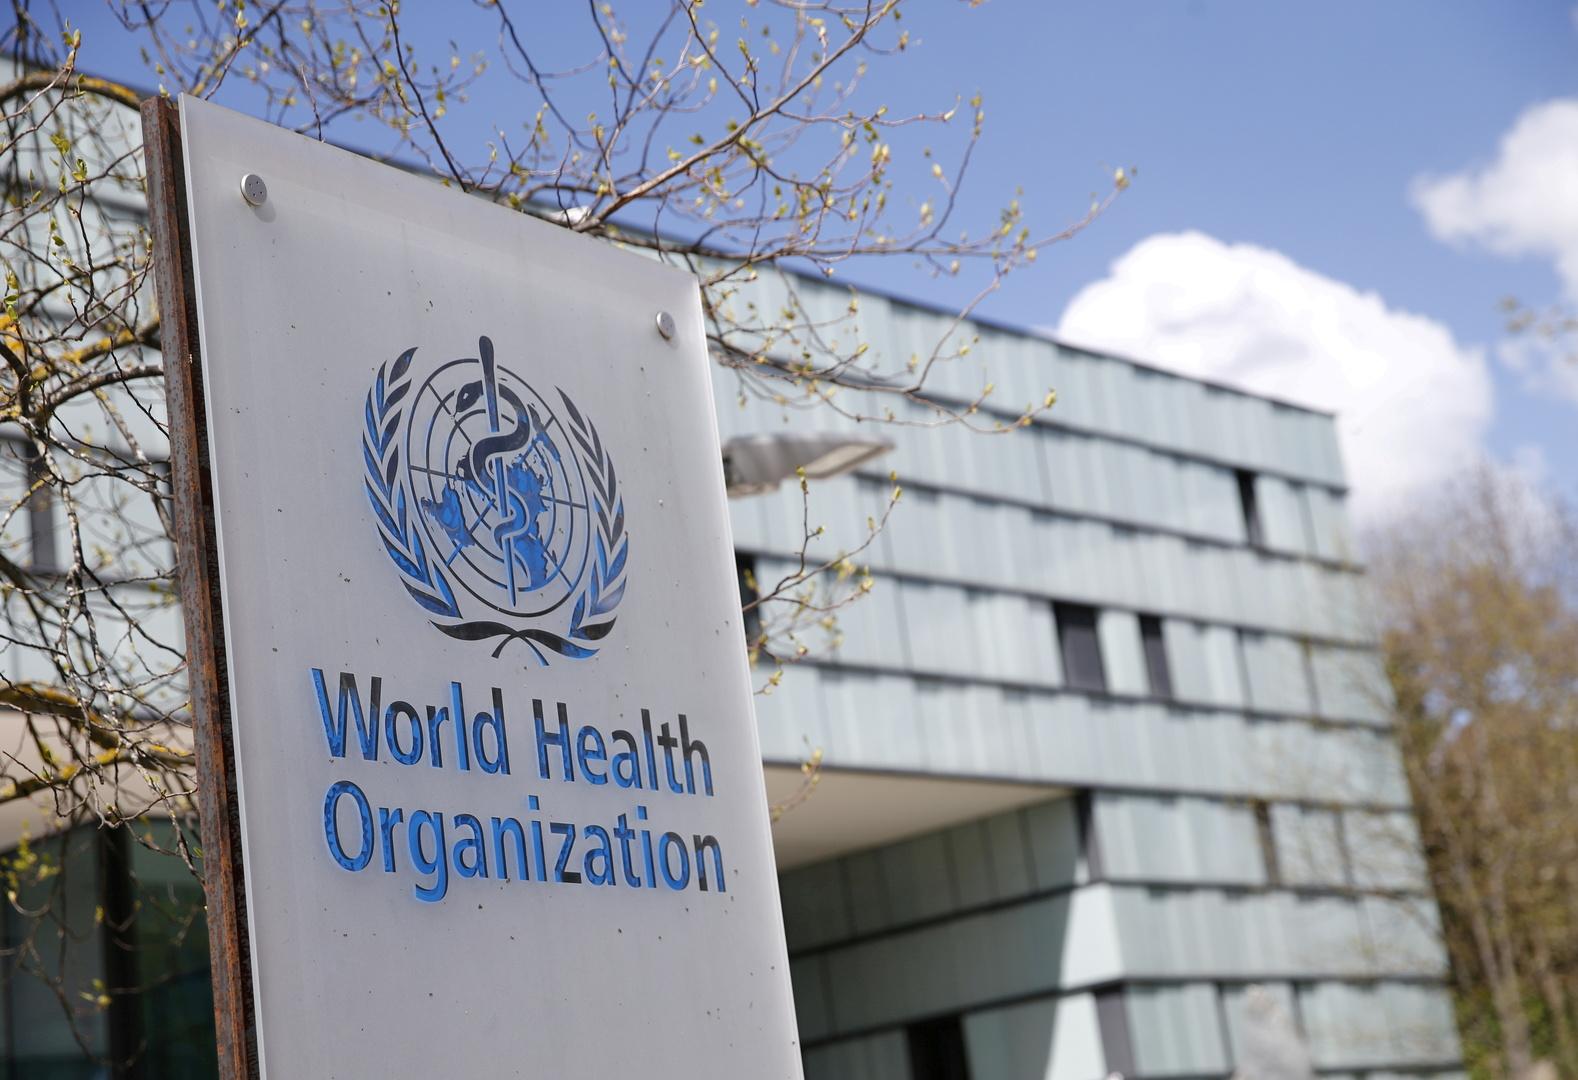 الصحة العالمية تدرج متحور كورونا الكولومبي على قائمة المراقبة